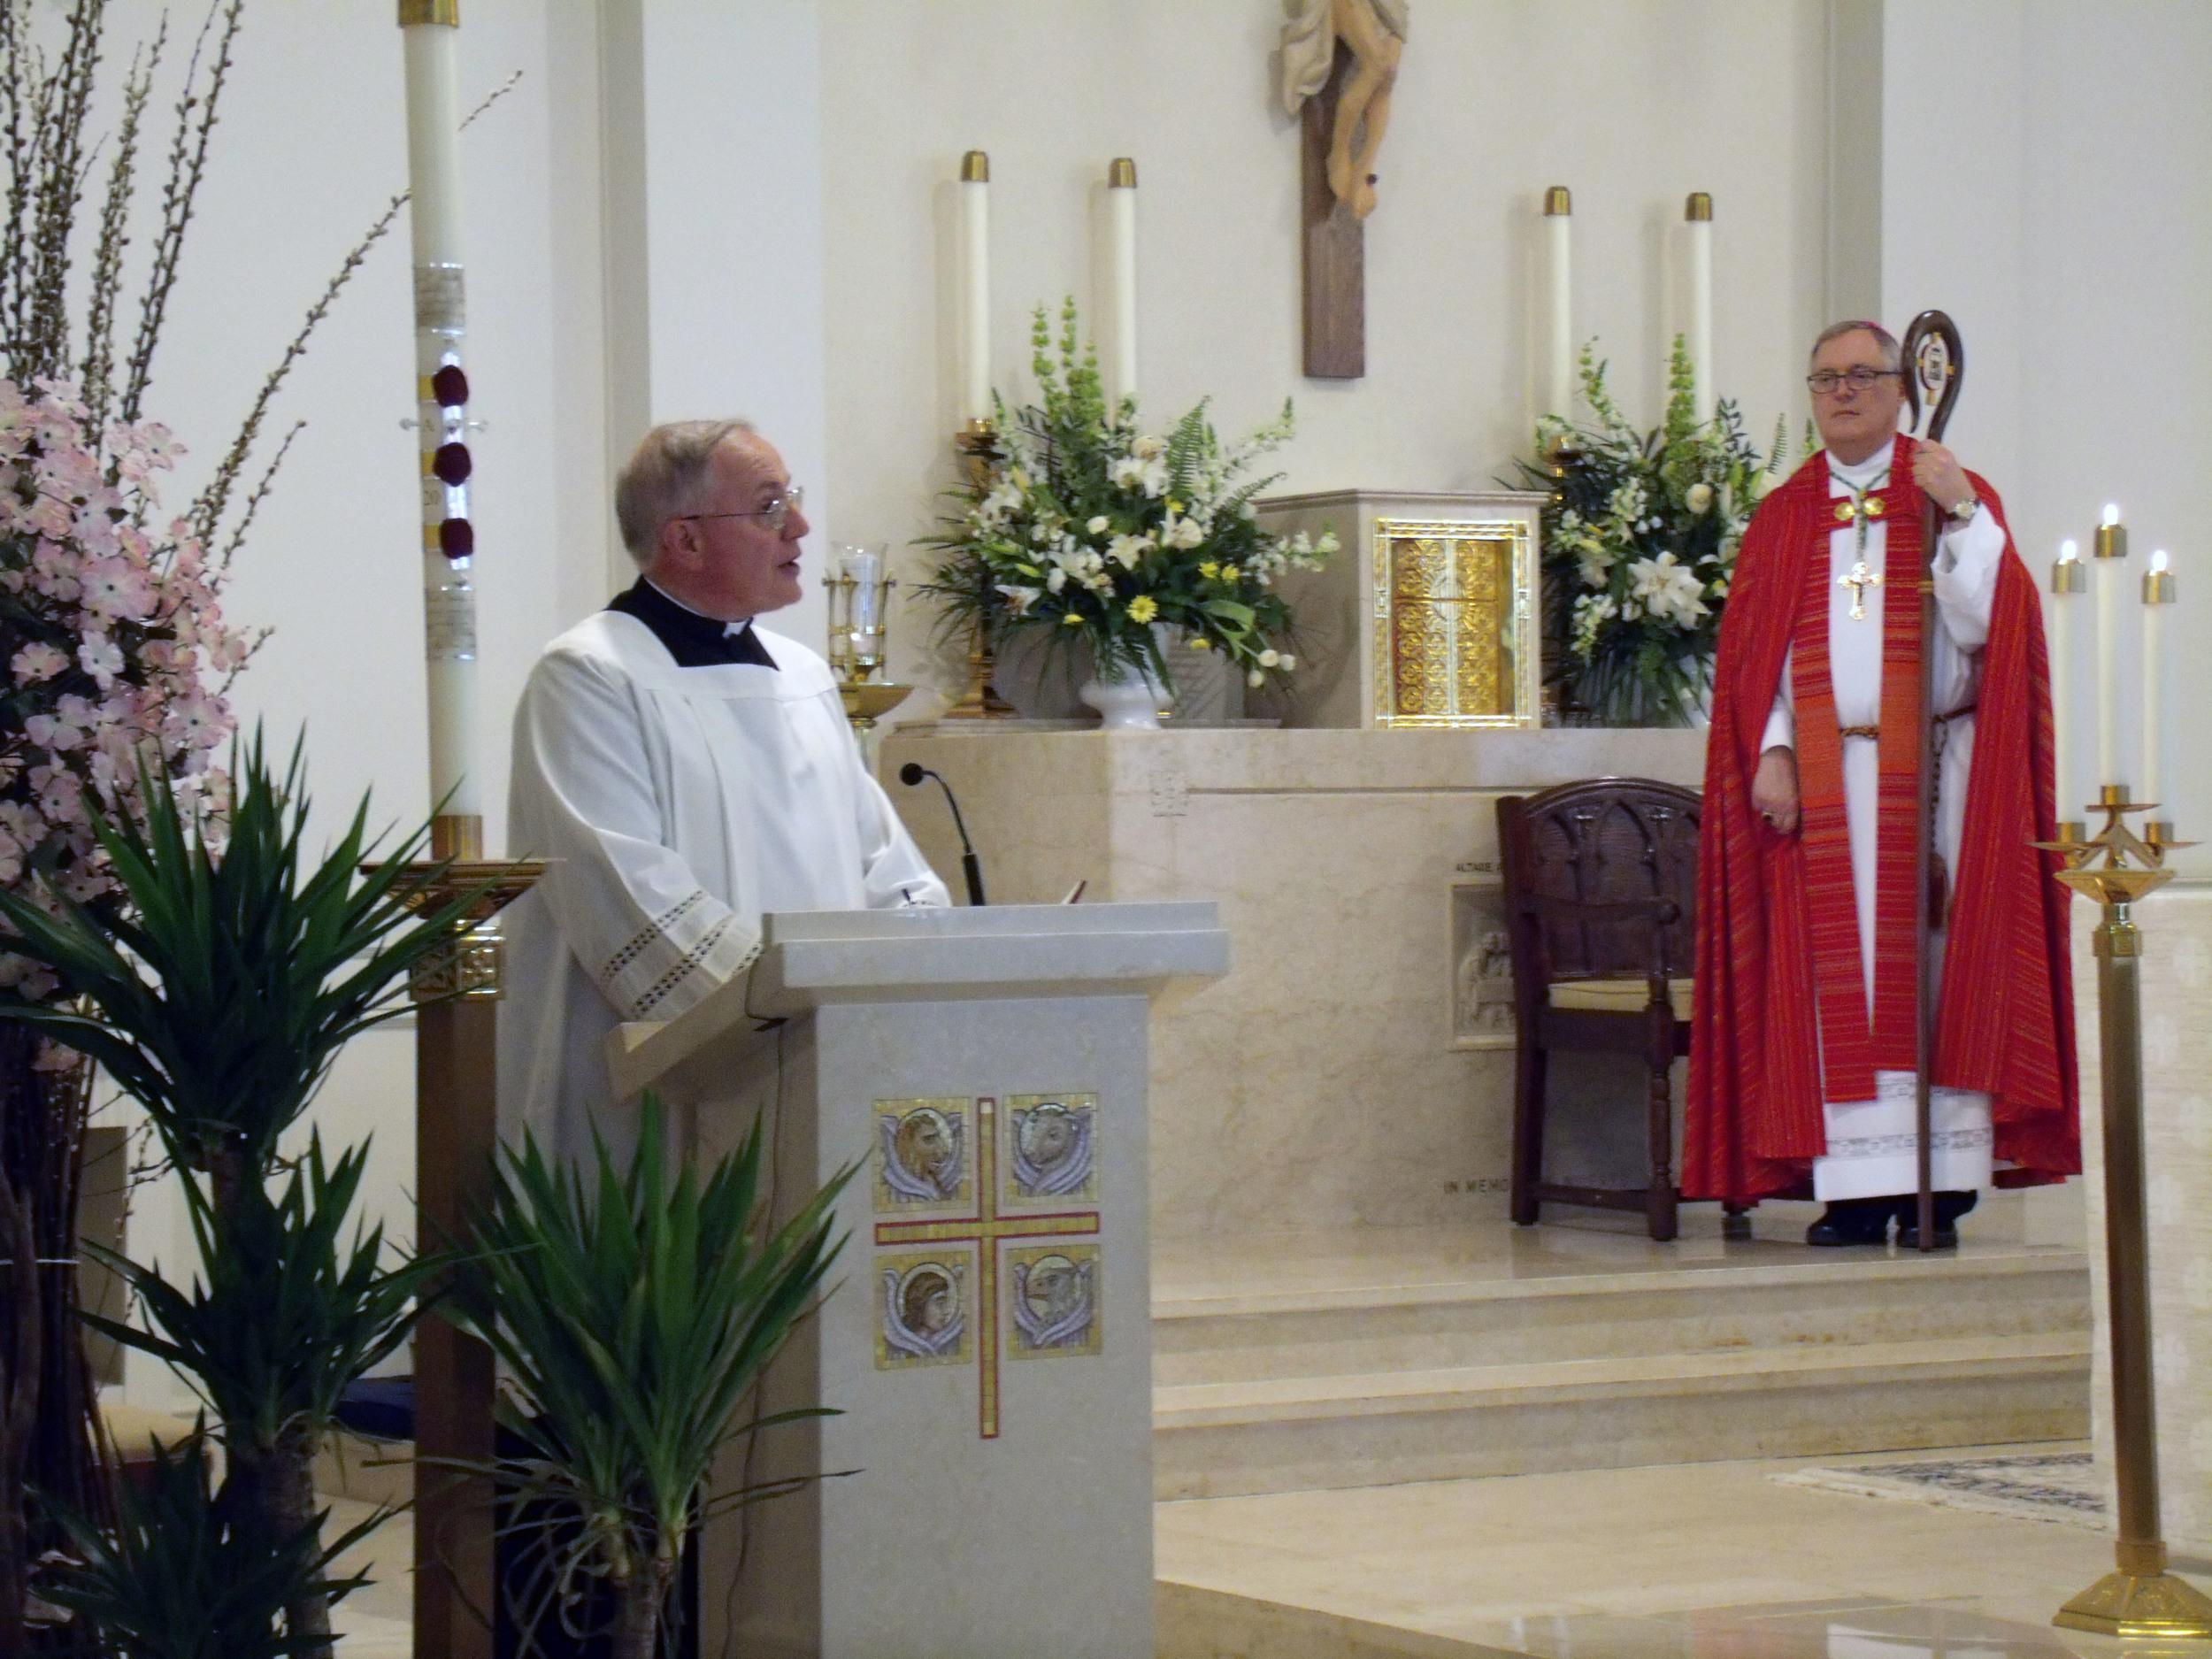 Fr. Gagne -Bsp. Tobin 1.jpg